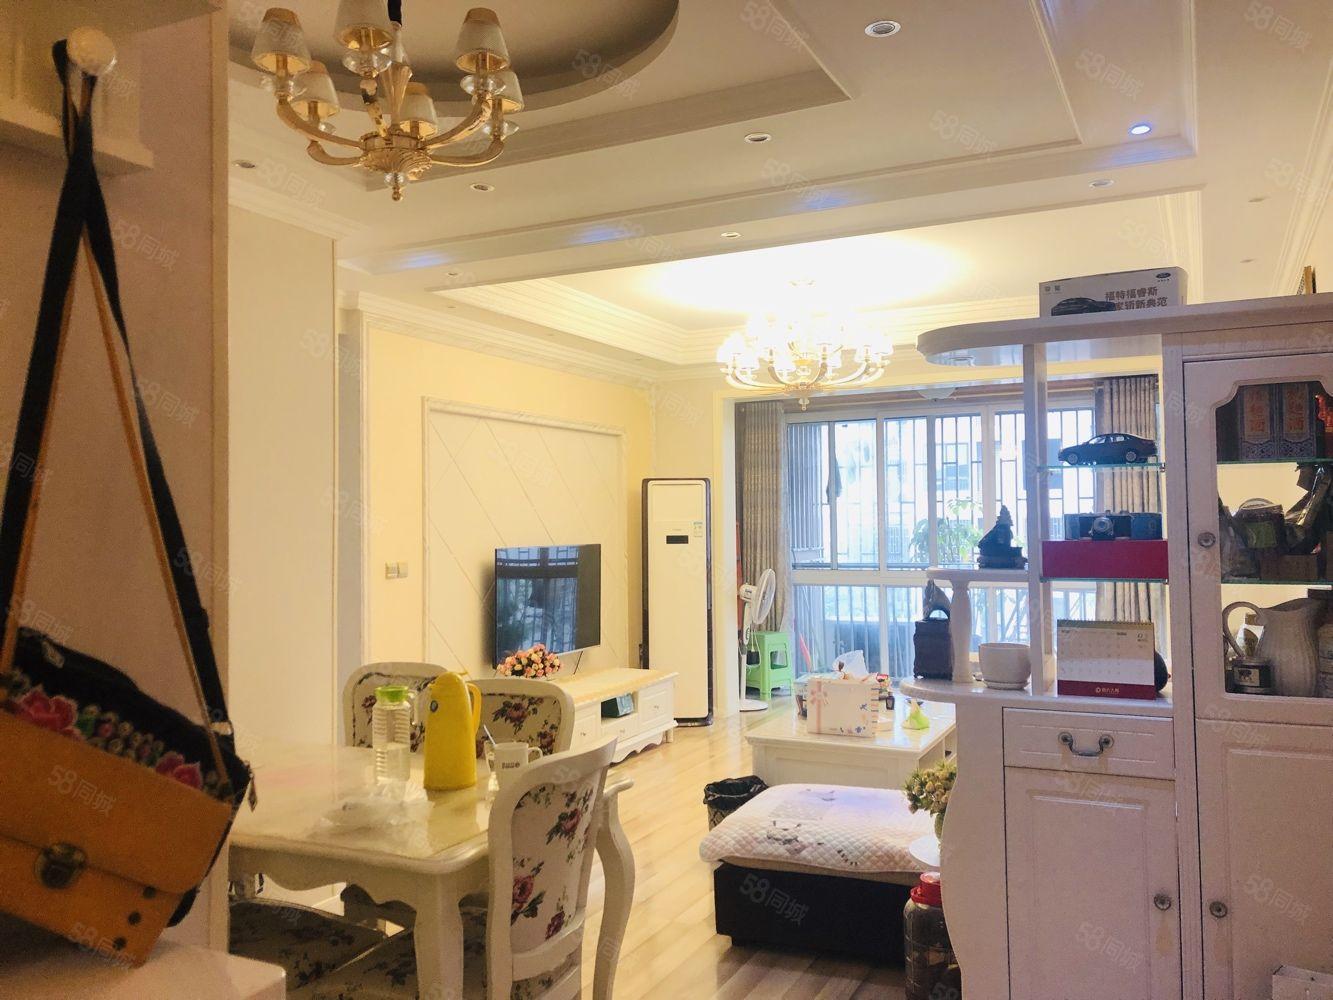 未來城精裝3室2衛帶衣帽間出售,實際面積120